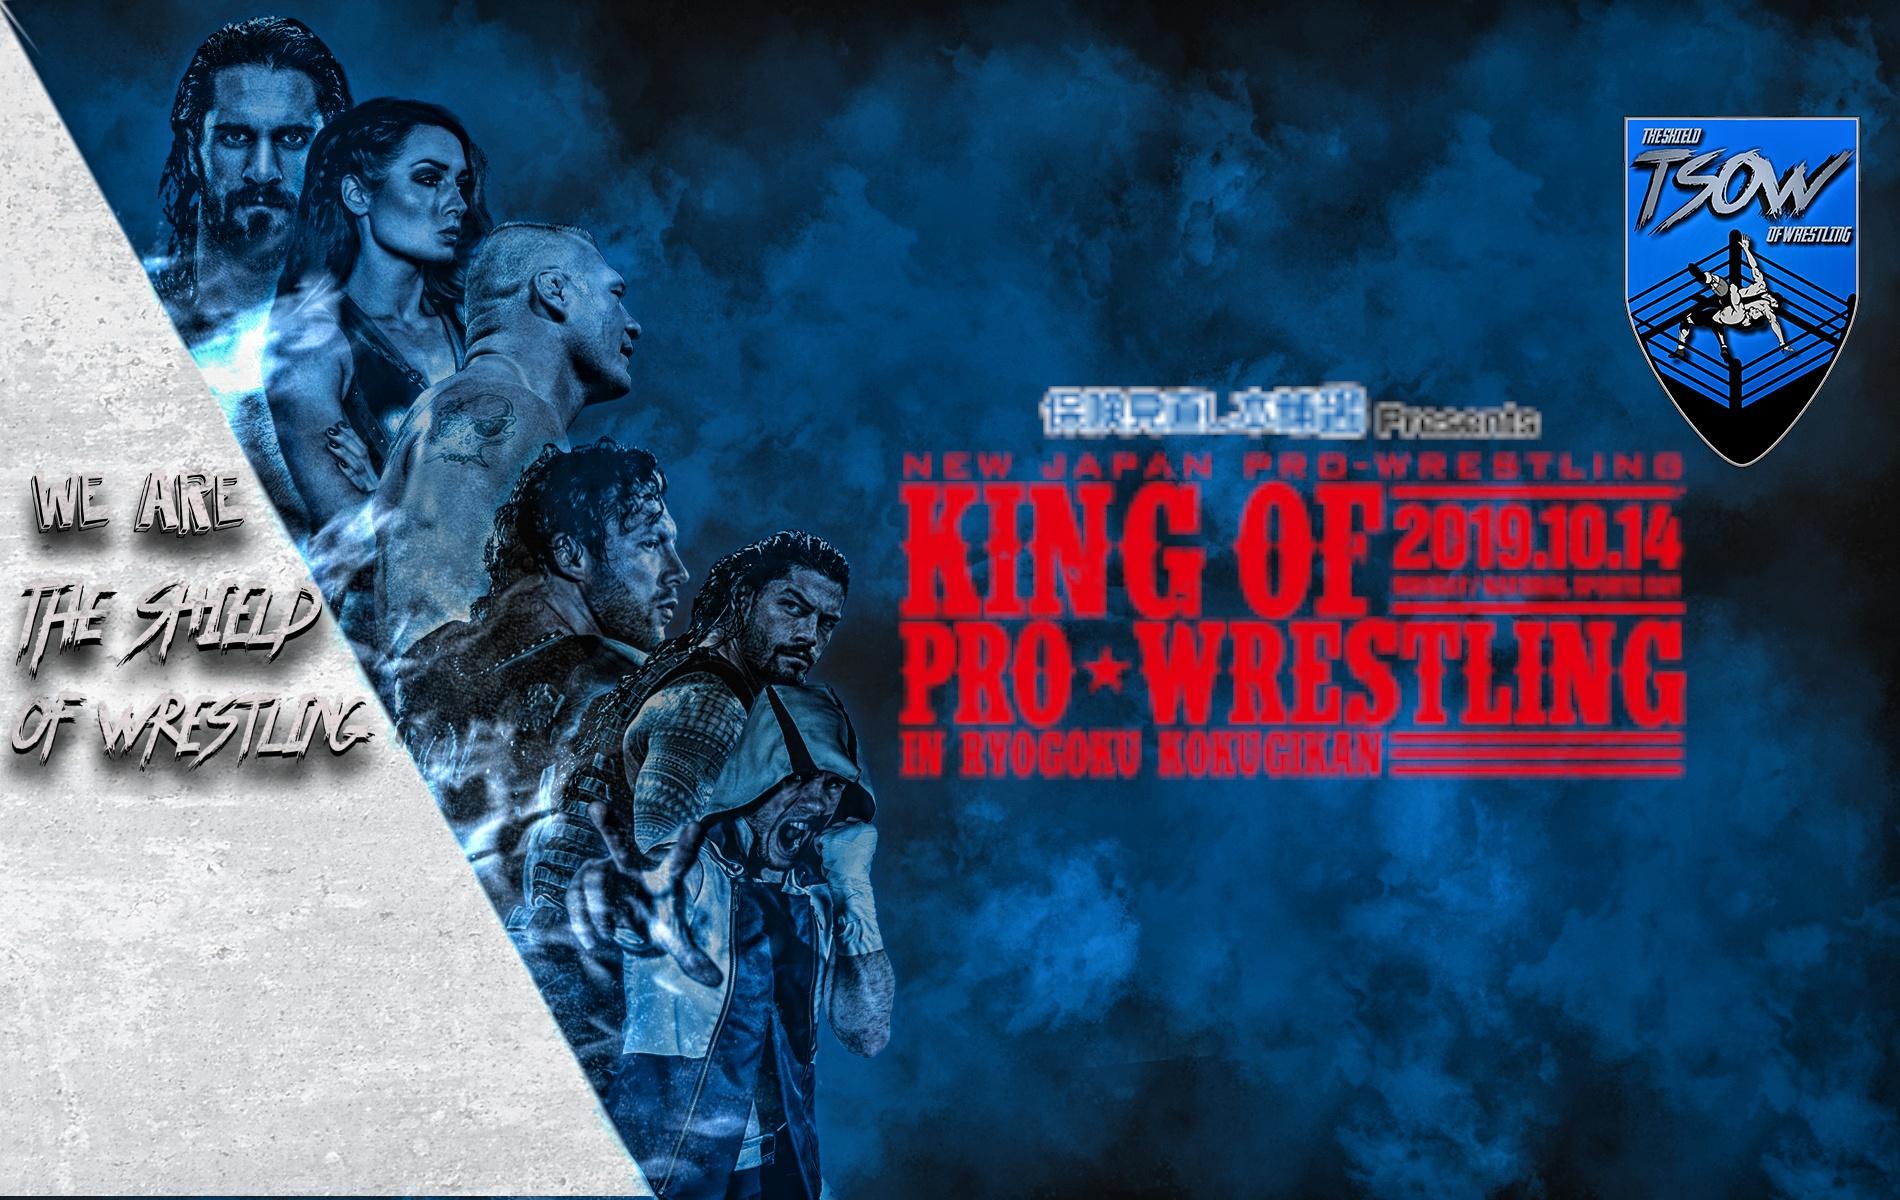 King Of Pro-Wrestling - NJPW